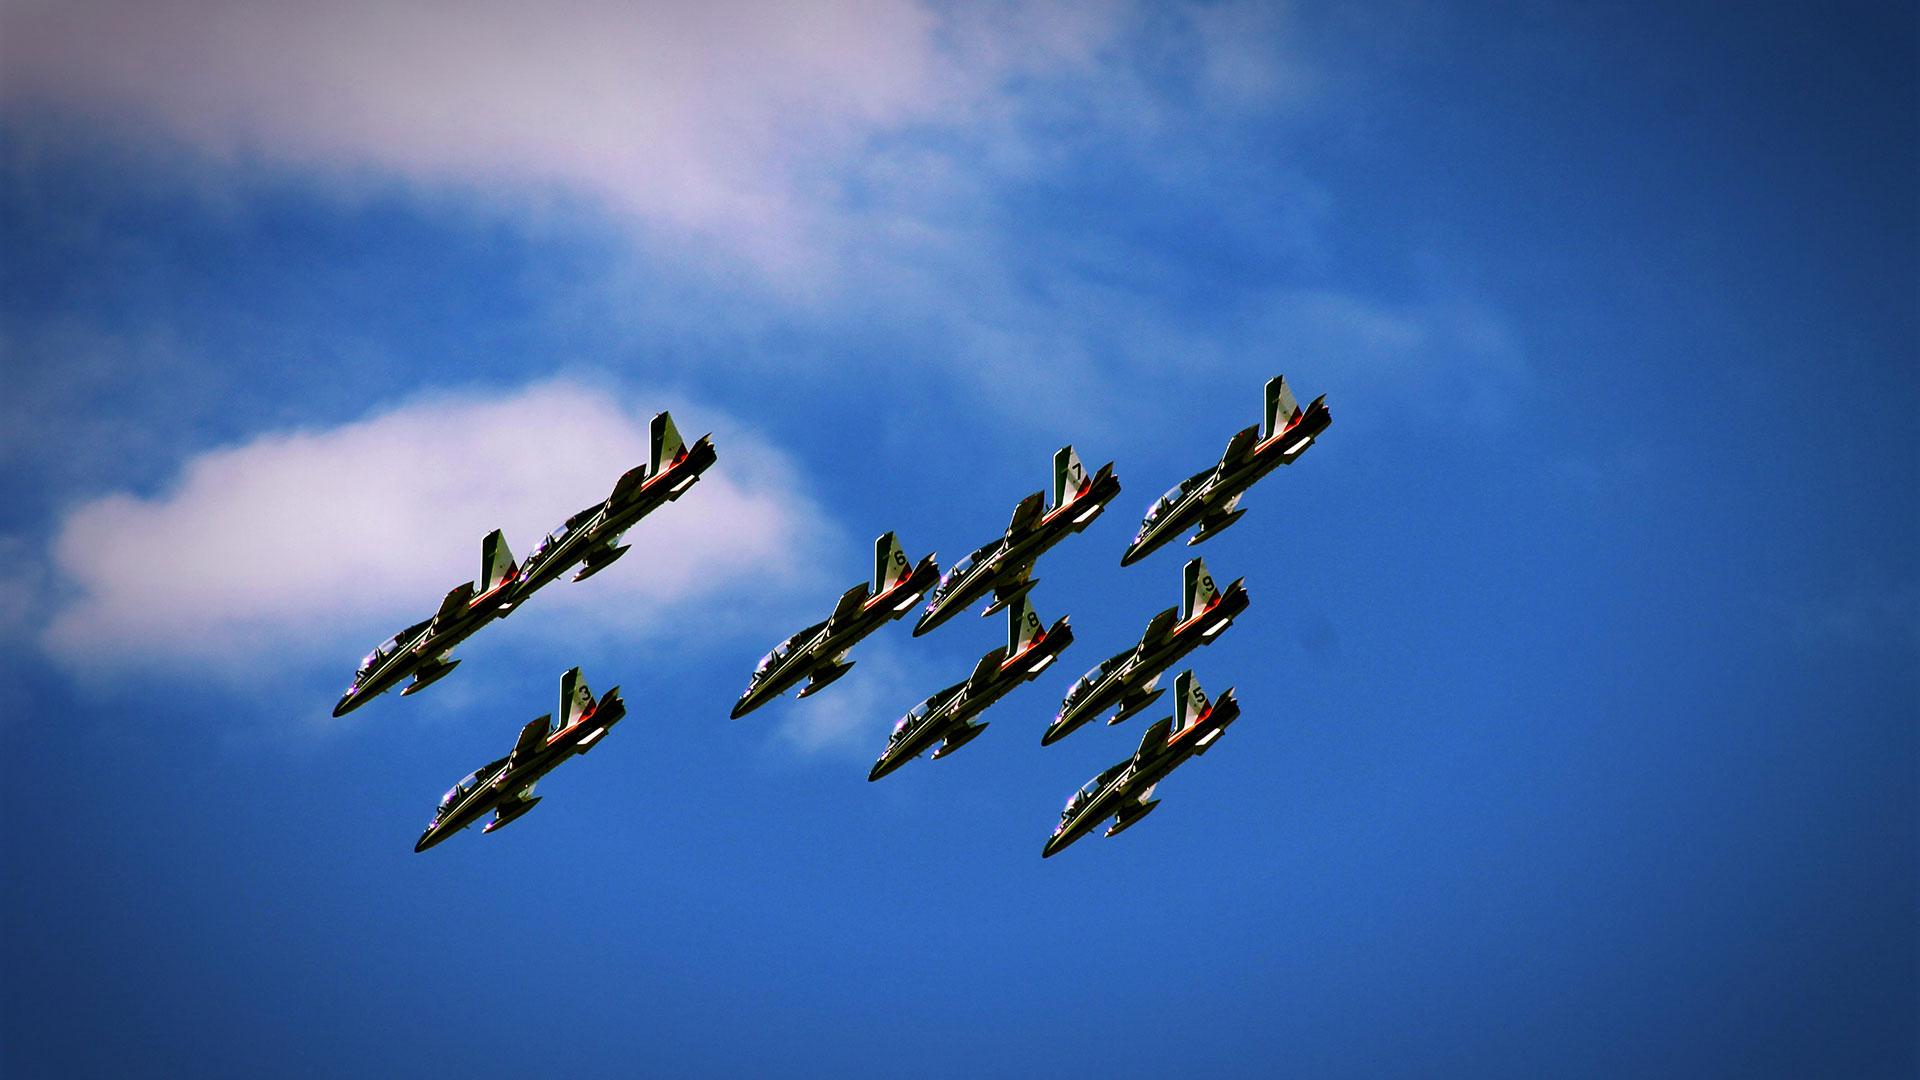 frecce-tricolori-60-anni-pan-pattuglia-acrobatica-nazionale-aeronautica-militare-(31)